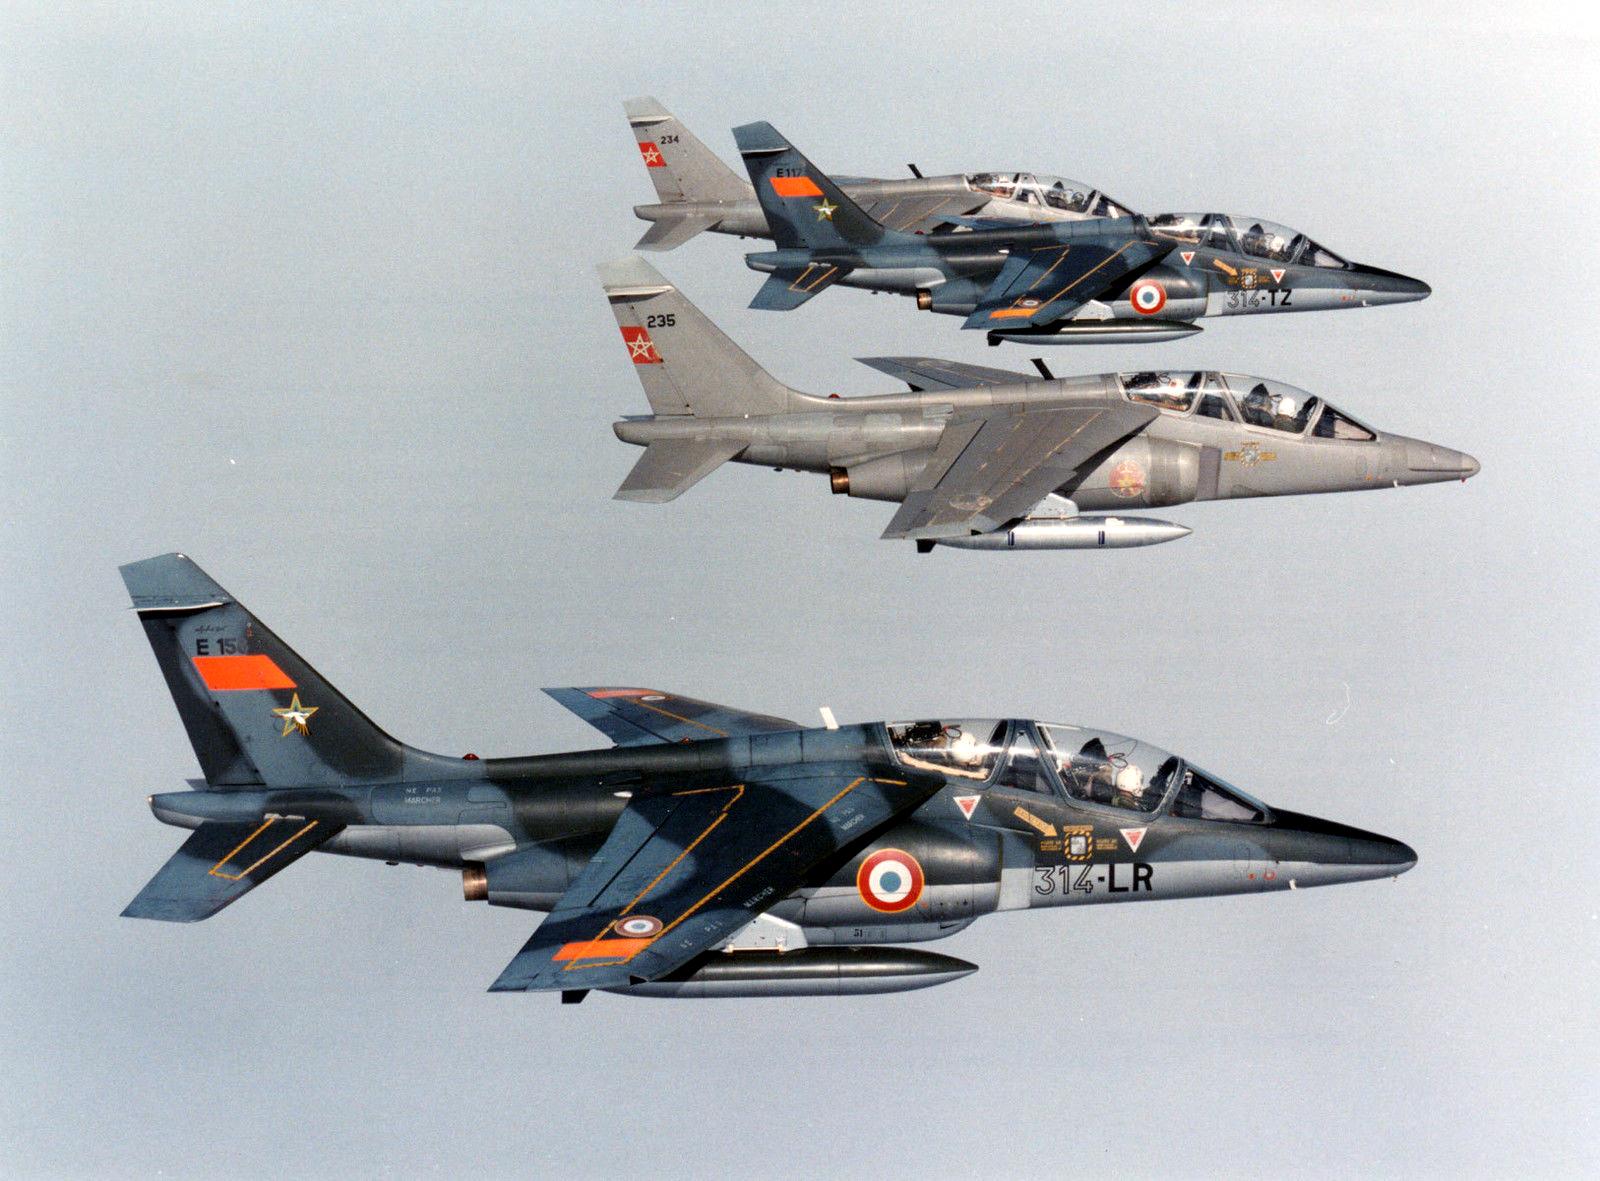 FRA: Photos avions d'entrainement et anti insurrection - Page 9 31306251576_02b5ae7643_h